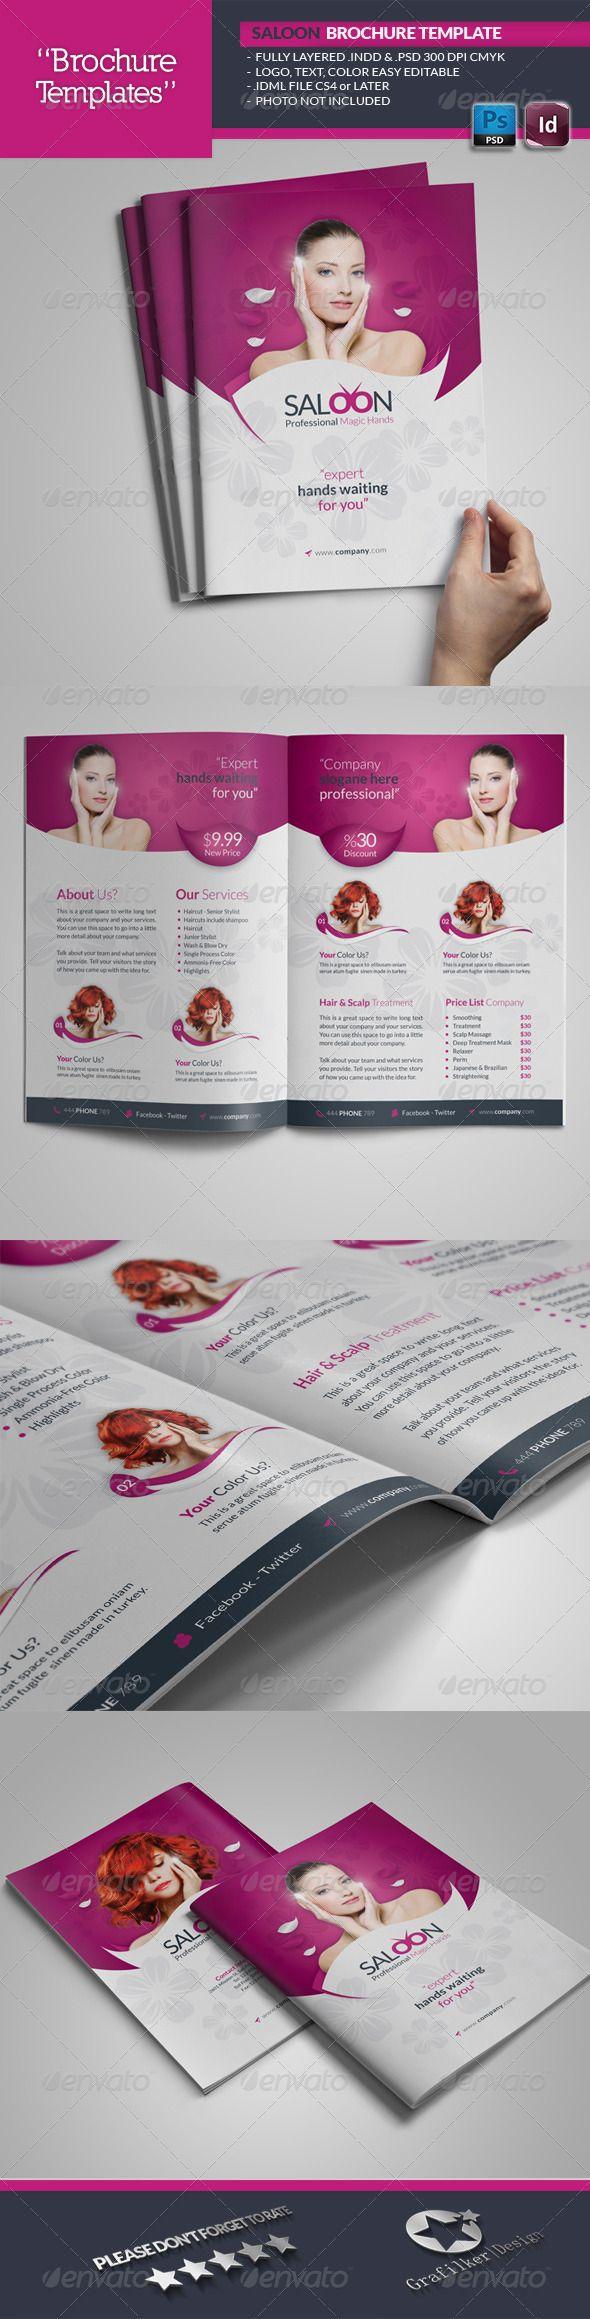 Beauty Saloon Brochure Template | Folletos, Salón y Revistas